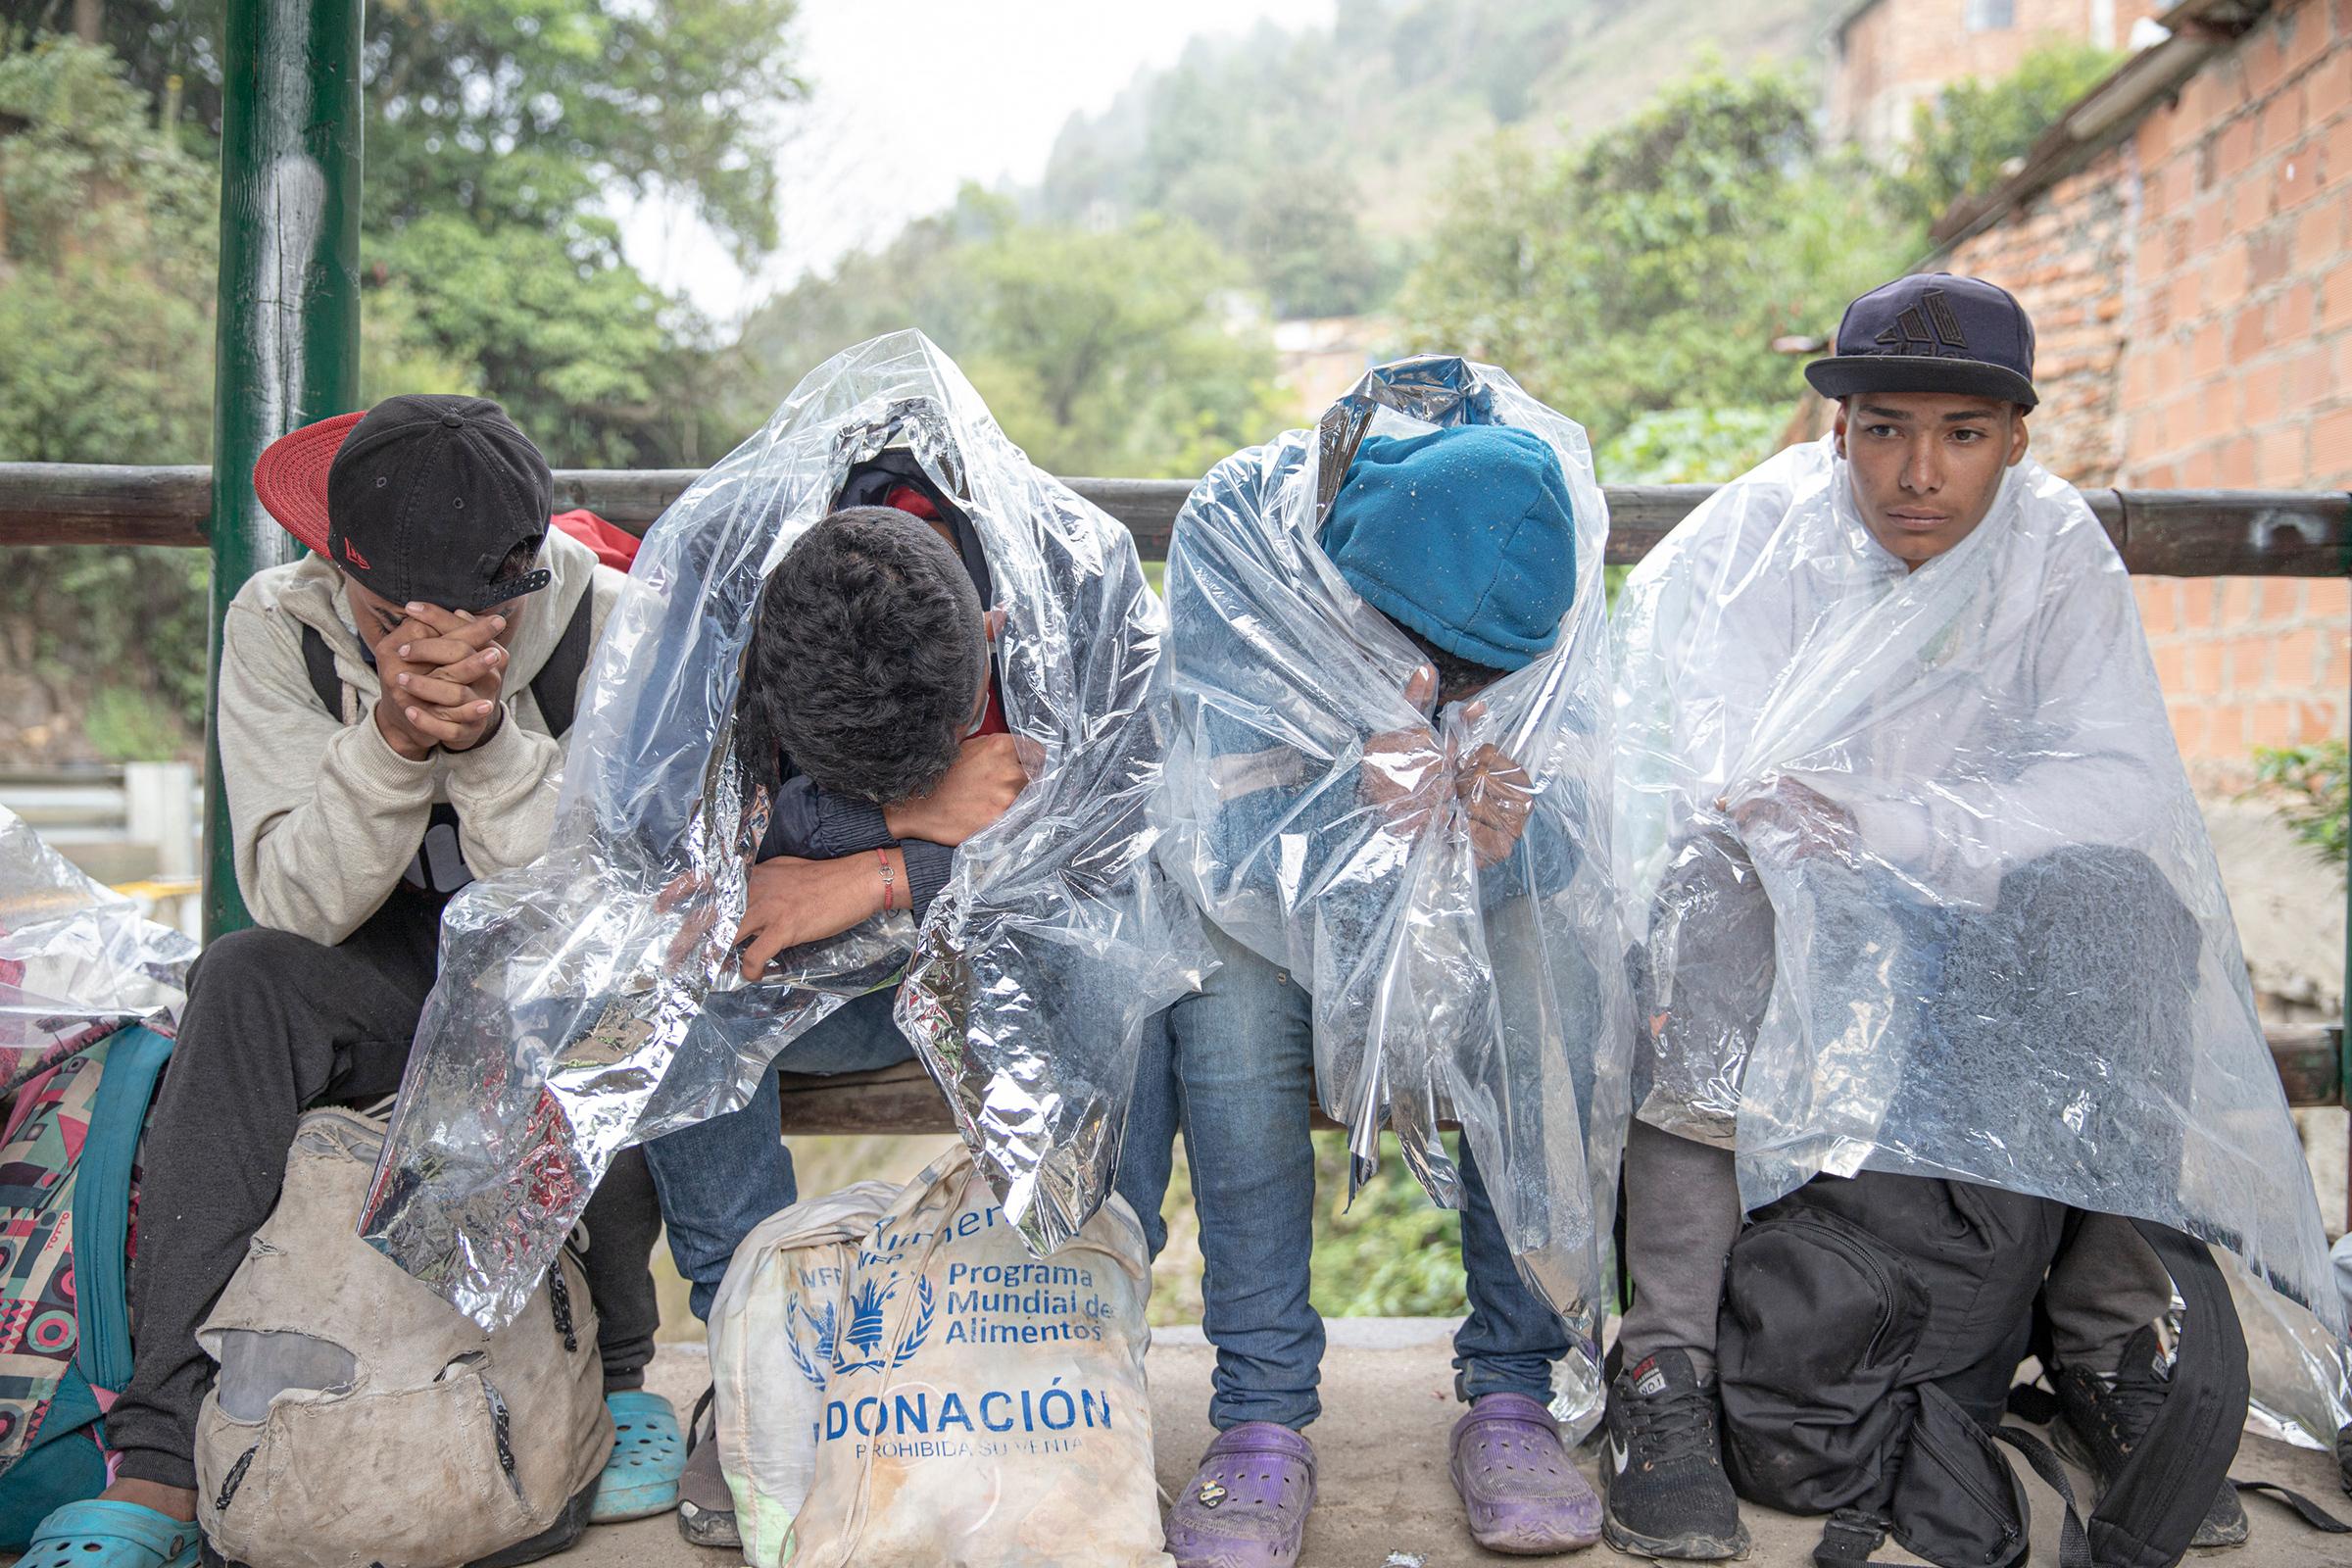 Jóvenes afuera de un albergue para migrantes en Pamplona, Colombia, en noviembre;  En ese momento, el acceso estaba restringido debido a COVID-19.